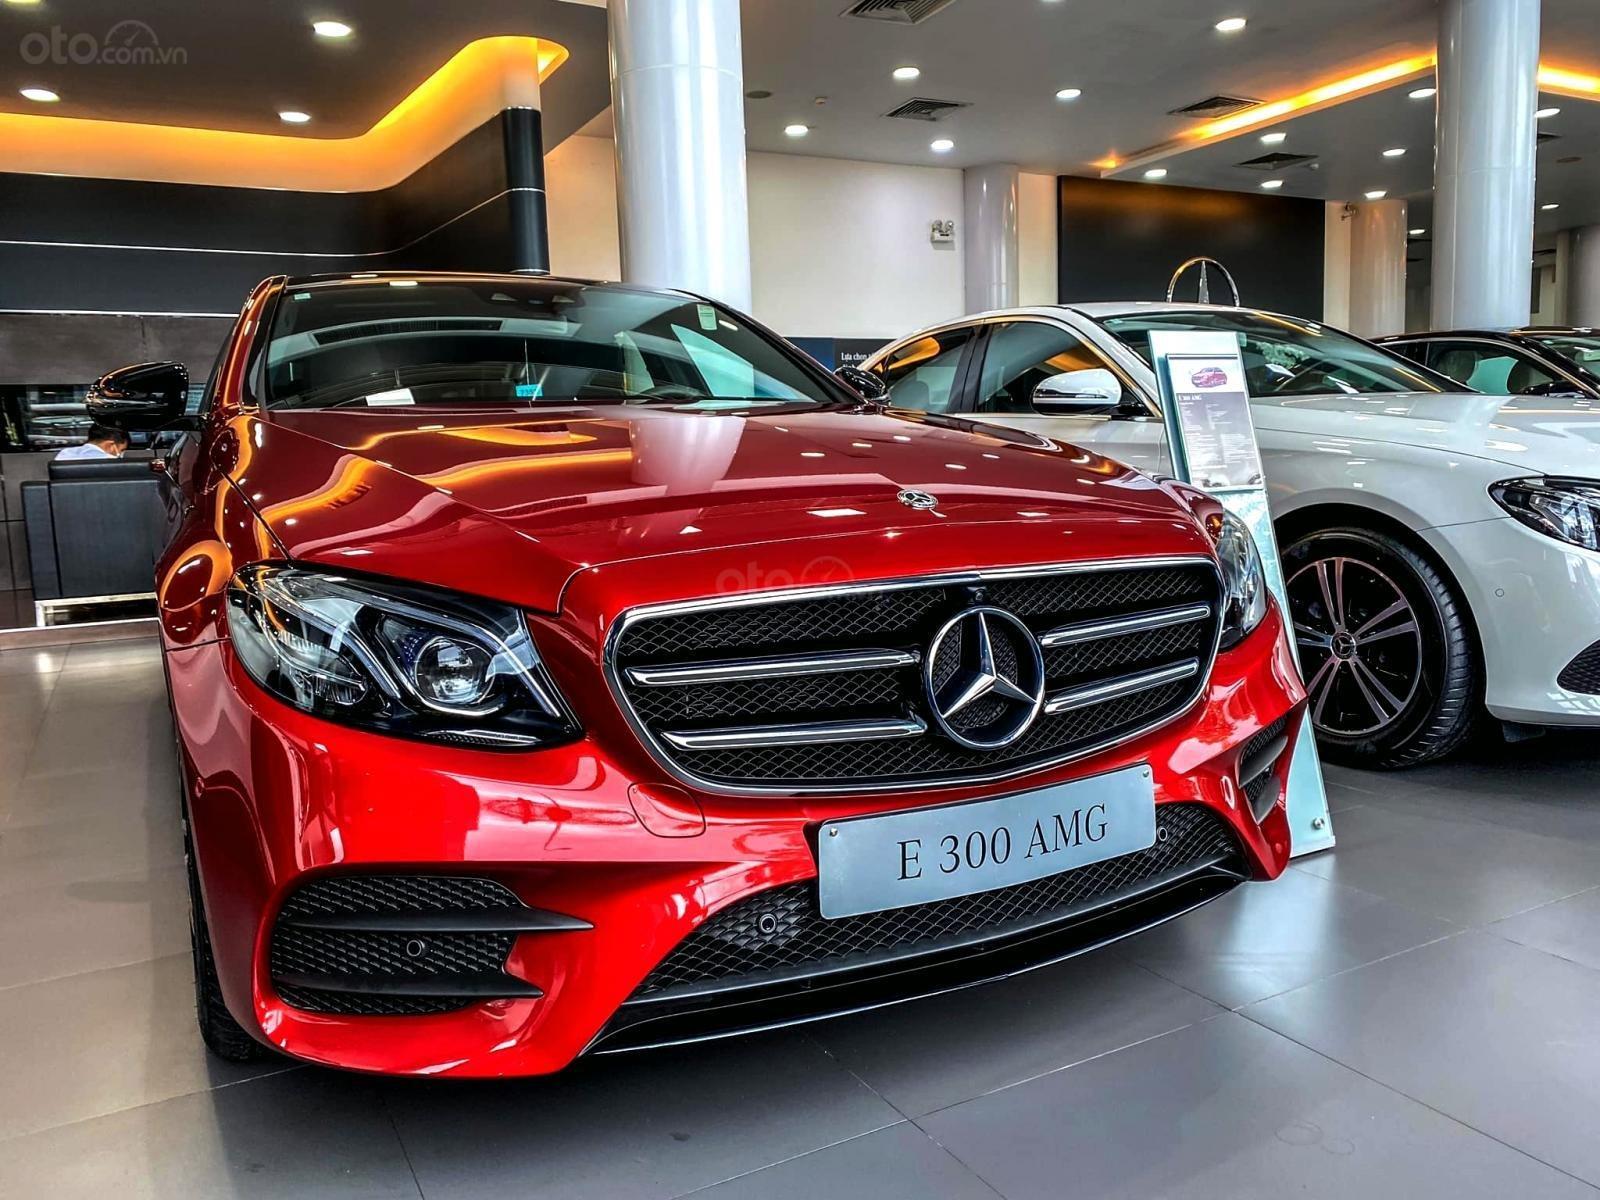 Mercedes-Benz E300 AMG sang trọng - đẳng cấp, giảm giá tiền mặt 150.000.000, có sẵn giao ngay (1)